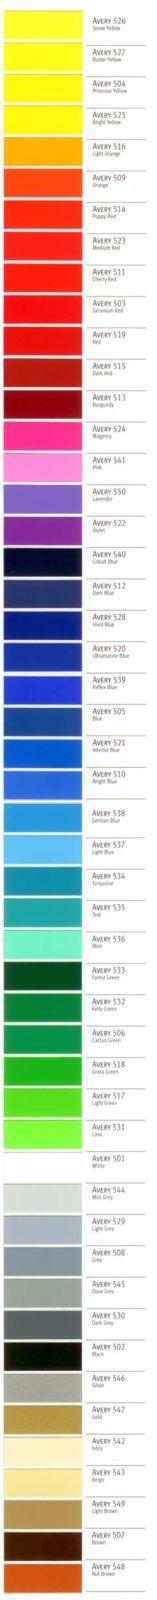 Сравнить цвета